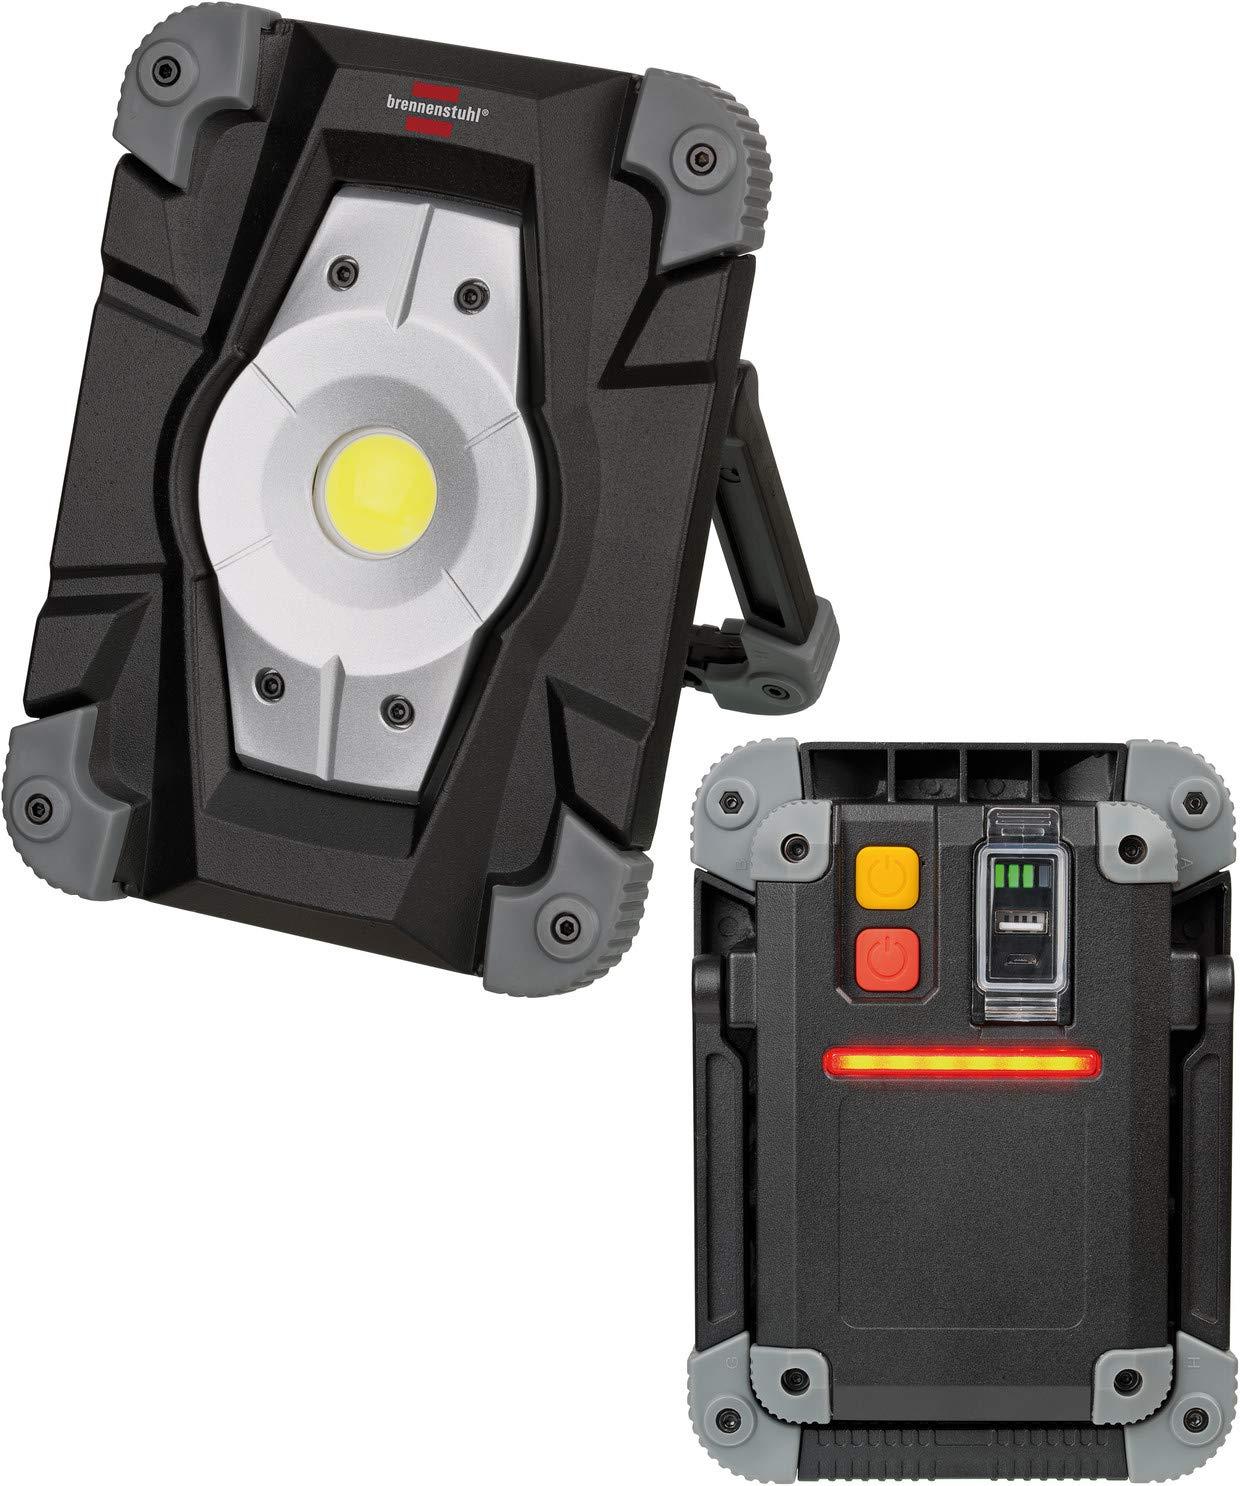 2000 Lumen, utilisation en interieur et Ext/érieur IP54, 2 Modes Eclairage, Autonomie Max 6H Brennenstuhl Projecteur LED Rechargeable 20W avec feu de signalisation LED Noir